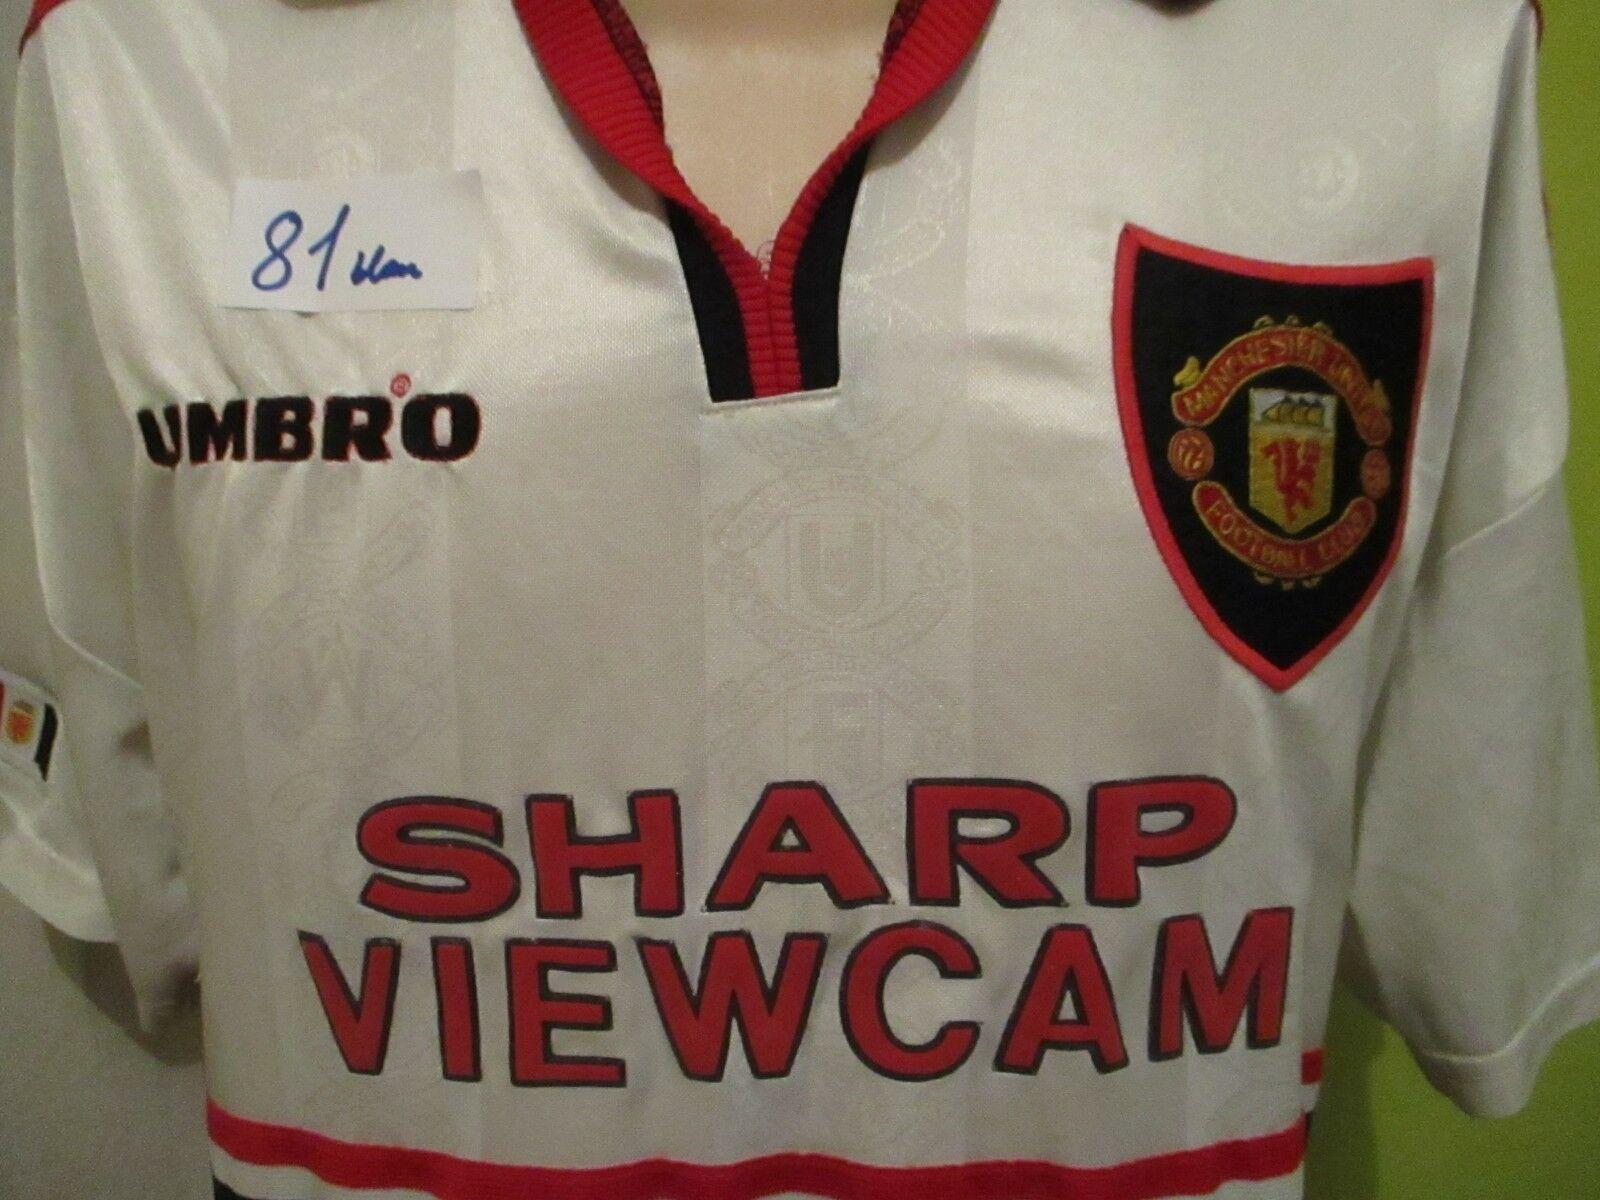 Manchester United Original umbro umbro umbro Auswärts Trikot 1997-1999  SHARP VIEWCAM  Gr.XL  | Beliebte Empfehlung  26dd79